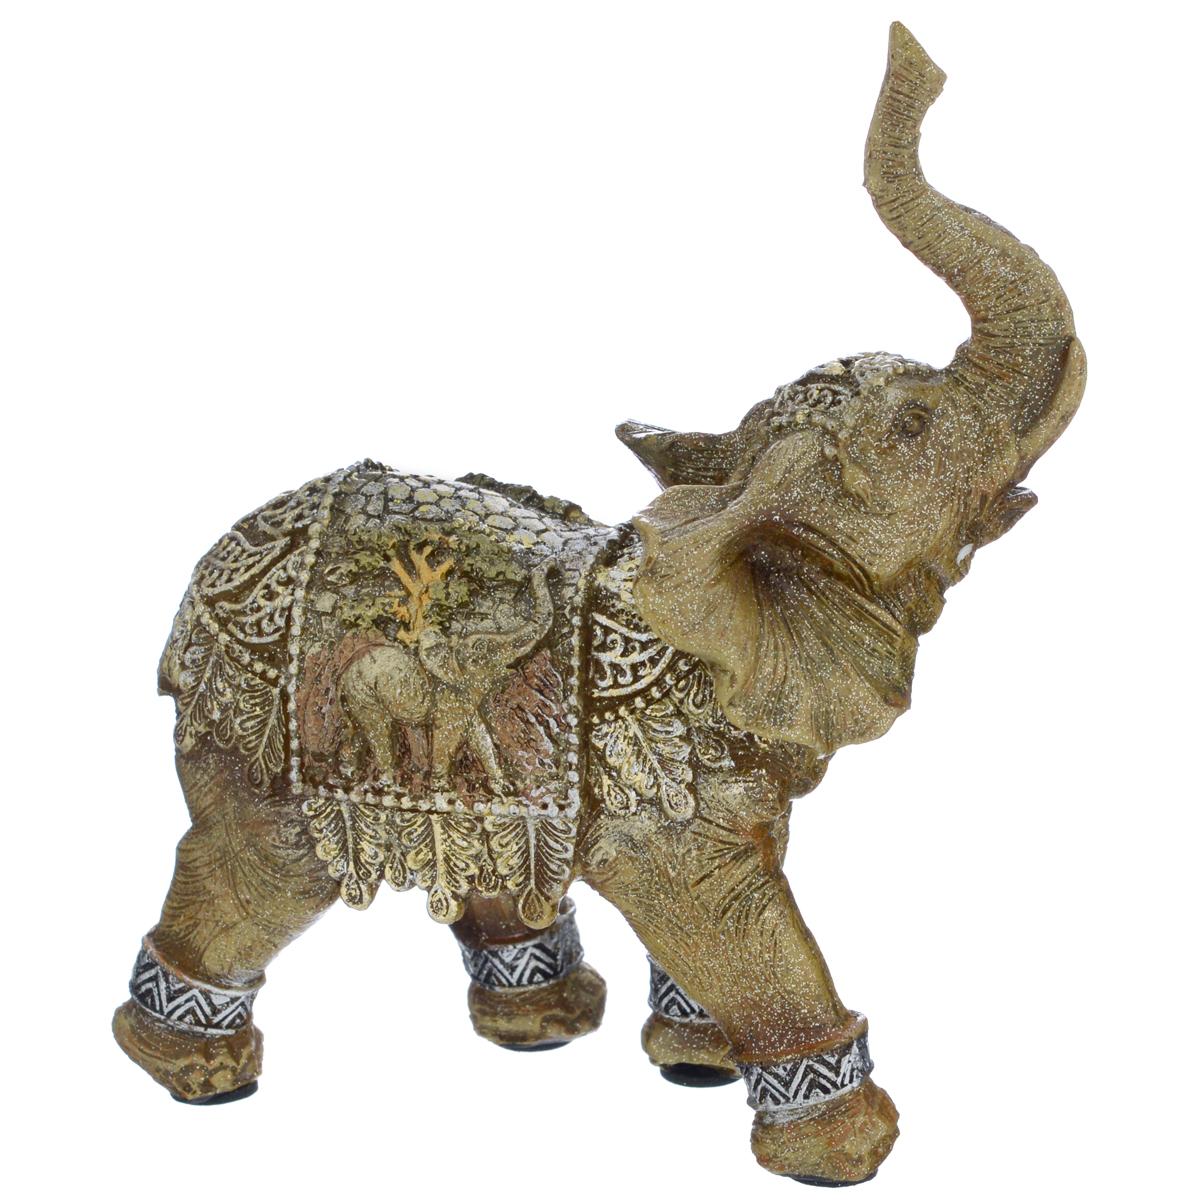 Фигурка декоративная Molento Слон мира, высота 12,5 см695299Декоративная фигура Molento Слон мира, изготовленная из полистоуна, позволит вам украсить интерьер дома, рабочего кабинета или любого другого помещения оригинальным образом. Изделие, выполненное в виде слона, украшено рельефным рисунком и блестками.Вы можете поставить фигурку в любом месте, где она будет удачно смотреться, и радовать глаз. Кроме того, фигурка Слон мира станет чудесным сувениром для ваших друзей и близких. Размер фигурки: 11 см х 5,5 см х 12,5 см.